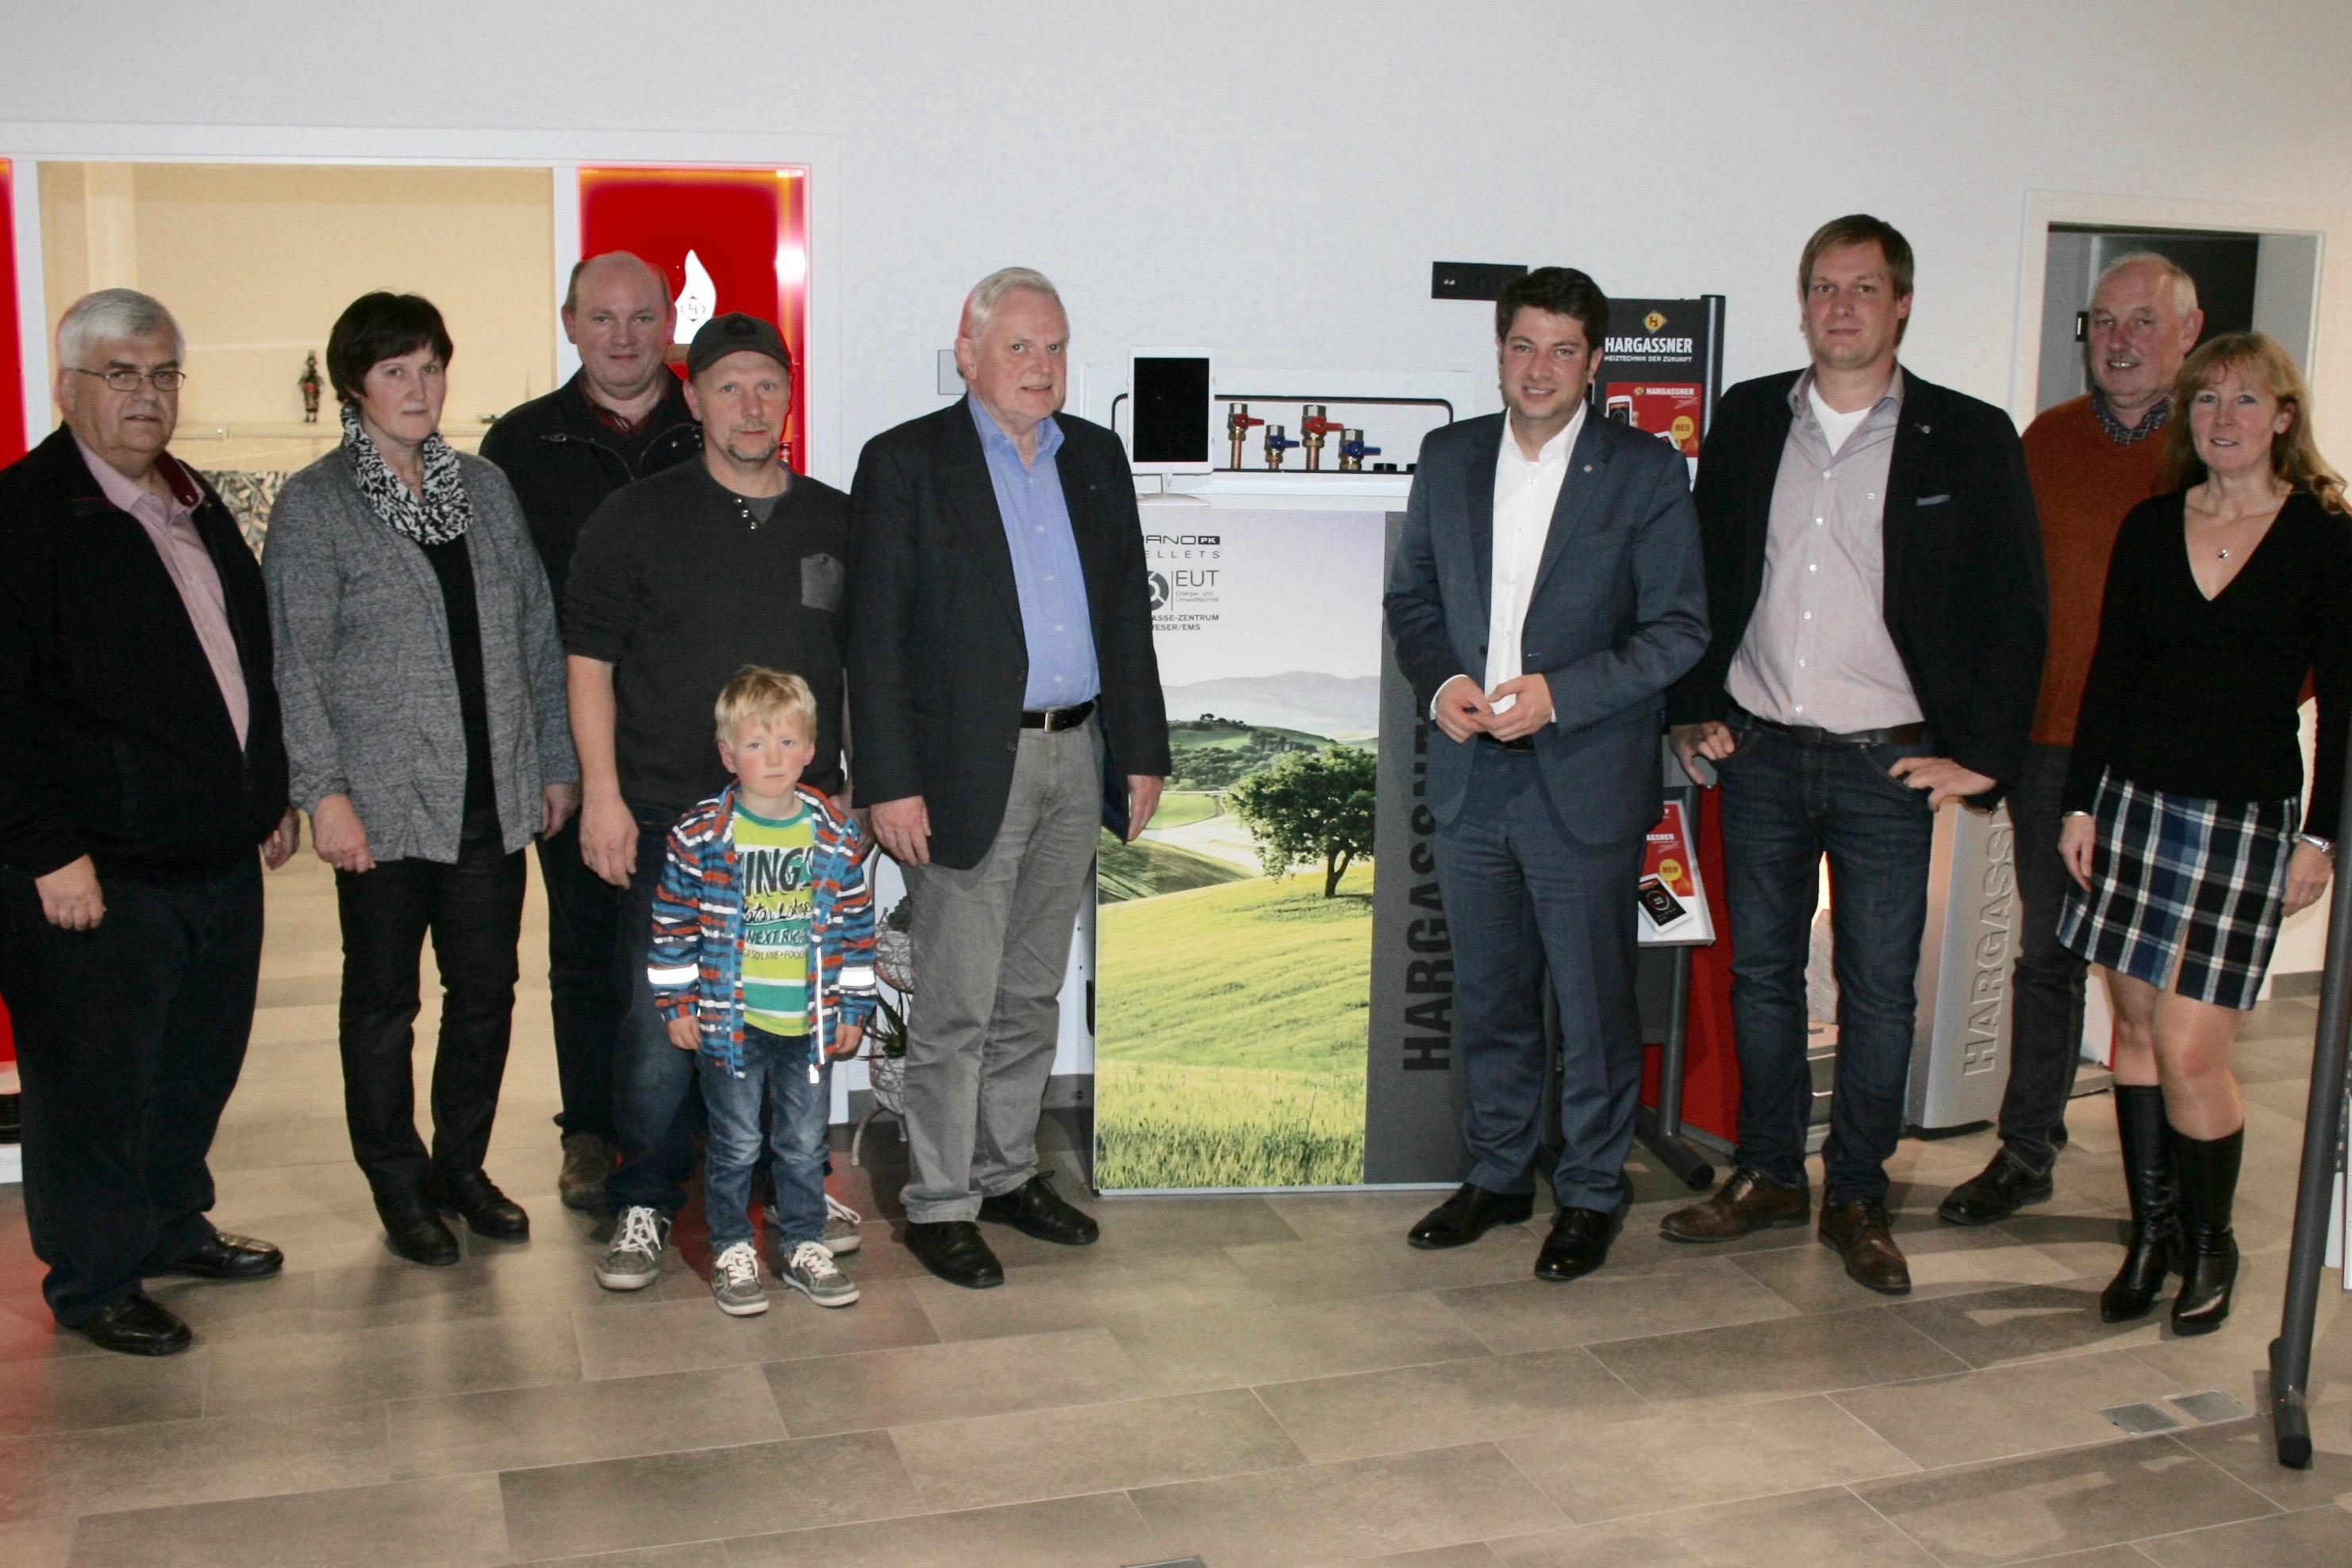 Besuch bei EUT: Vertreter der CDU-Merzen mit Bürgermeister Gregor Schröder  und dem Landtagsabgeordneten Christian Calderone Foto:CDU